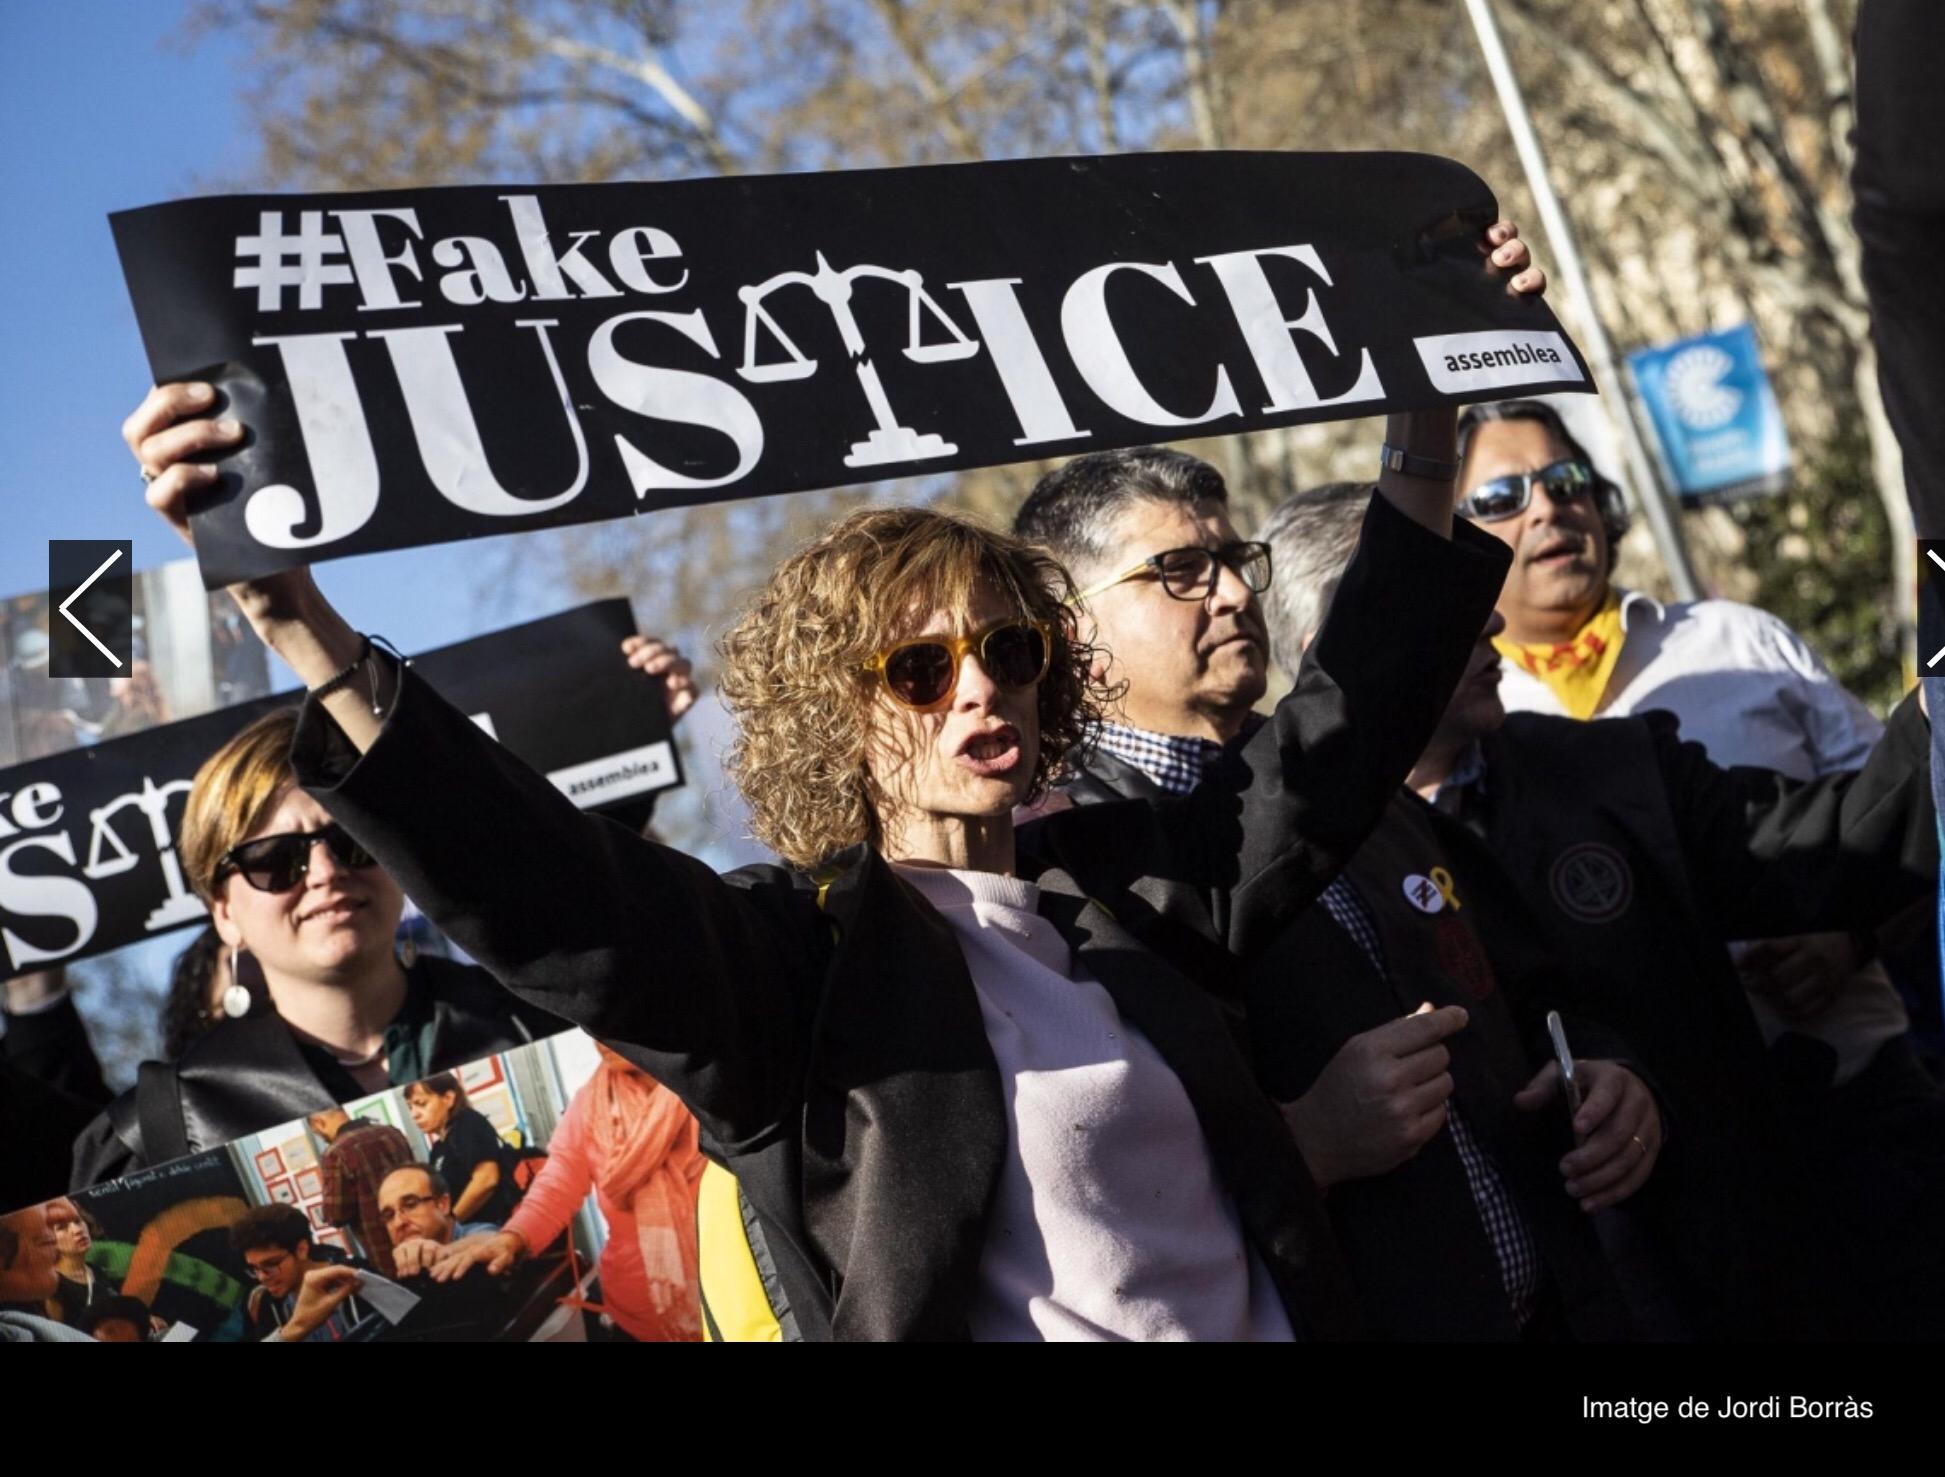 Manifestant amb pancarta de #FakeJustice dirigida a la justícia espanyola